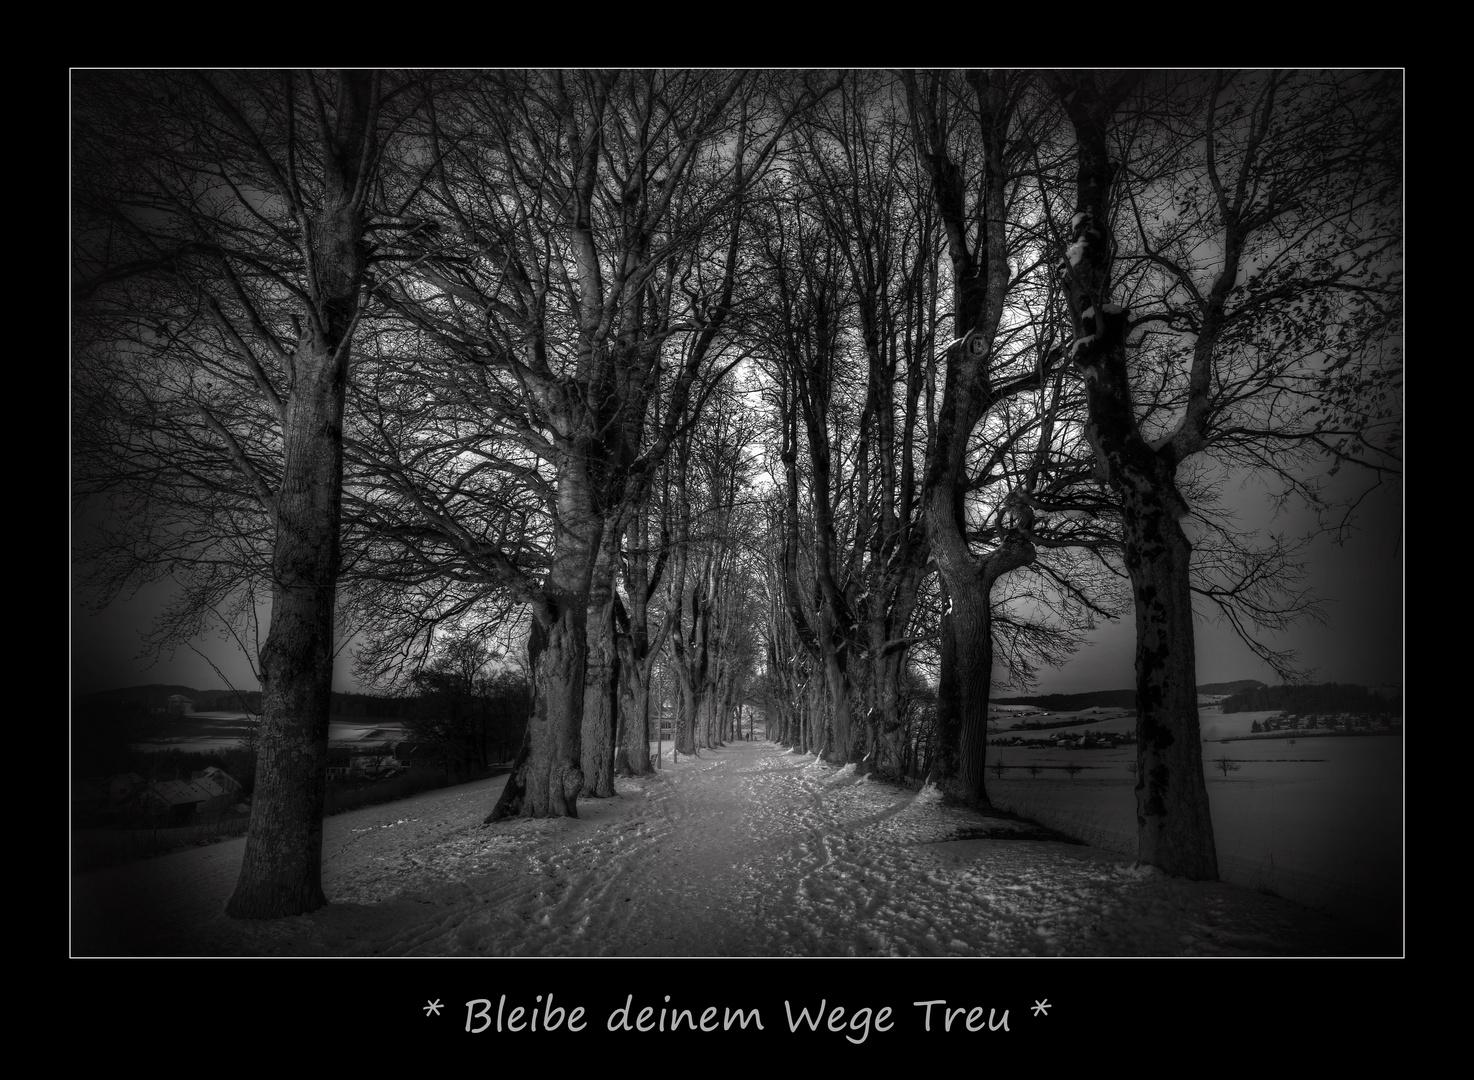 Mein Weg - Dein Weg